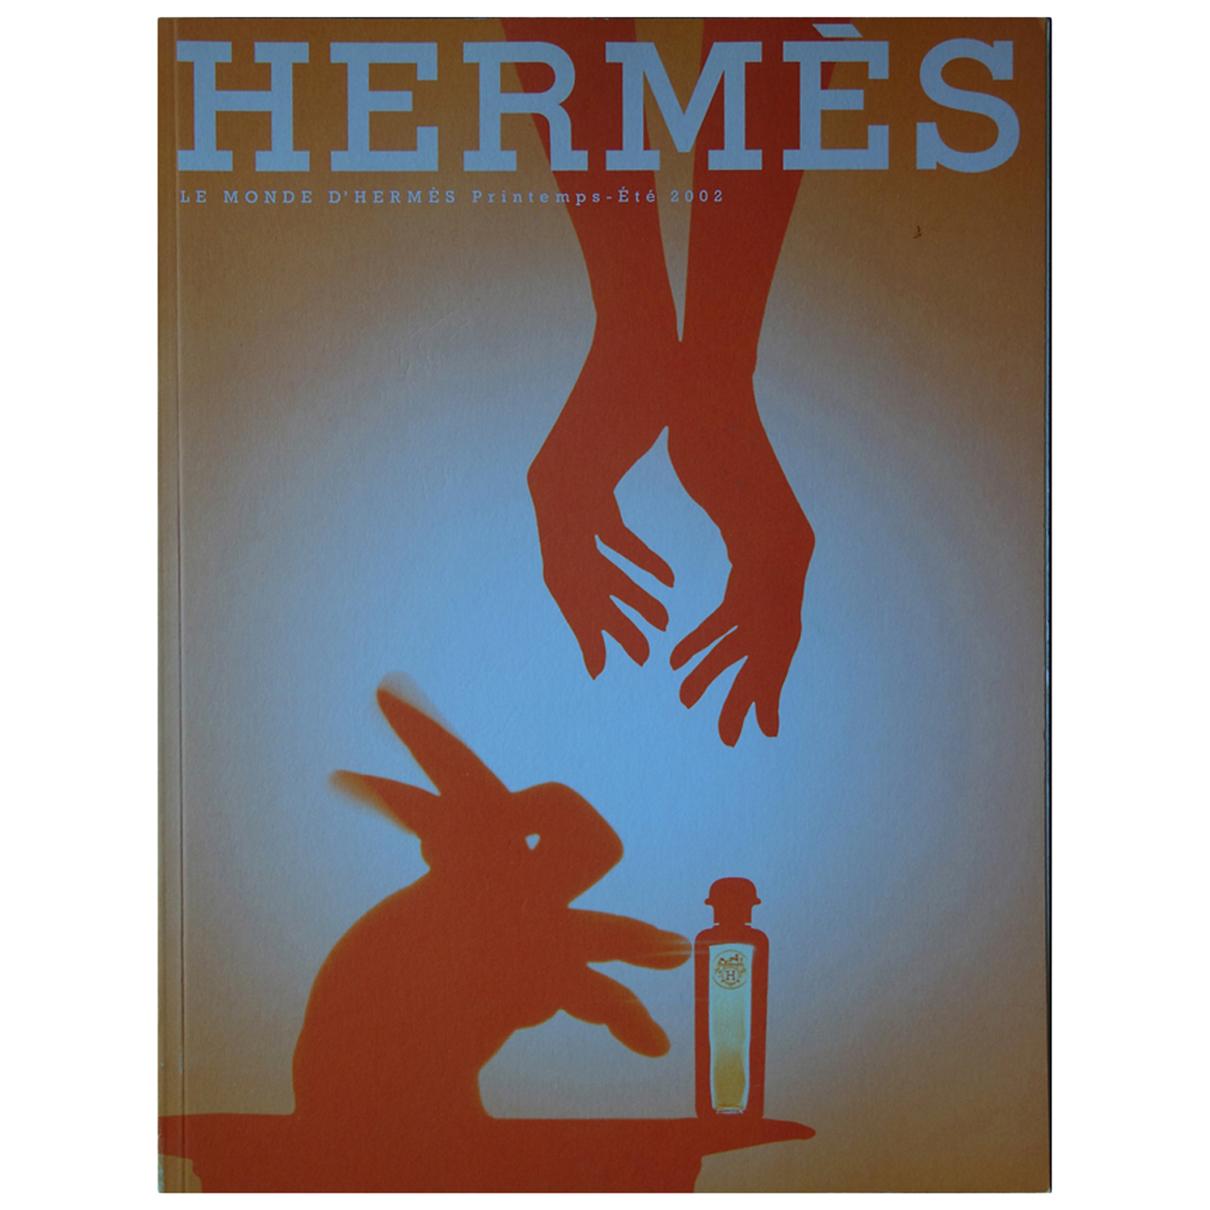 Hermes - Photographie   pour lifestyle en autre - multicolore